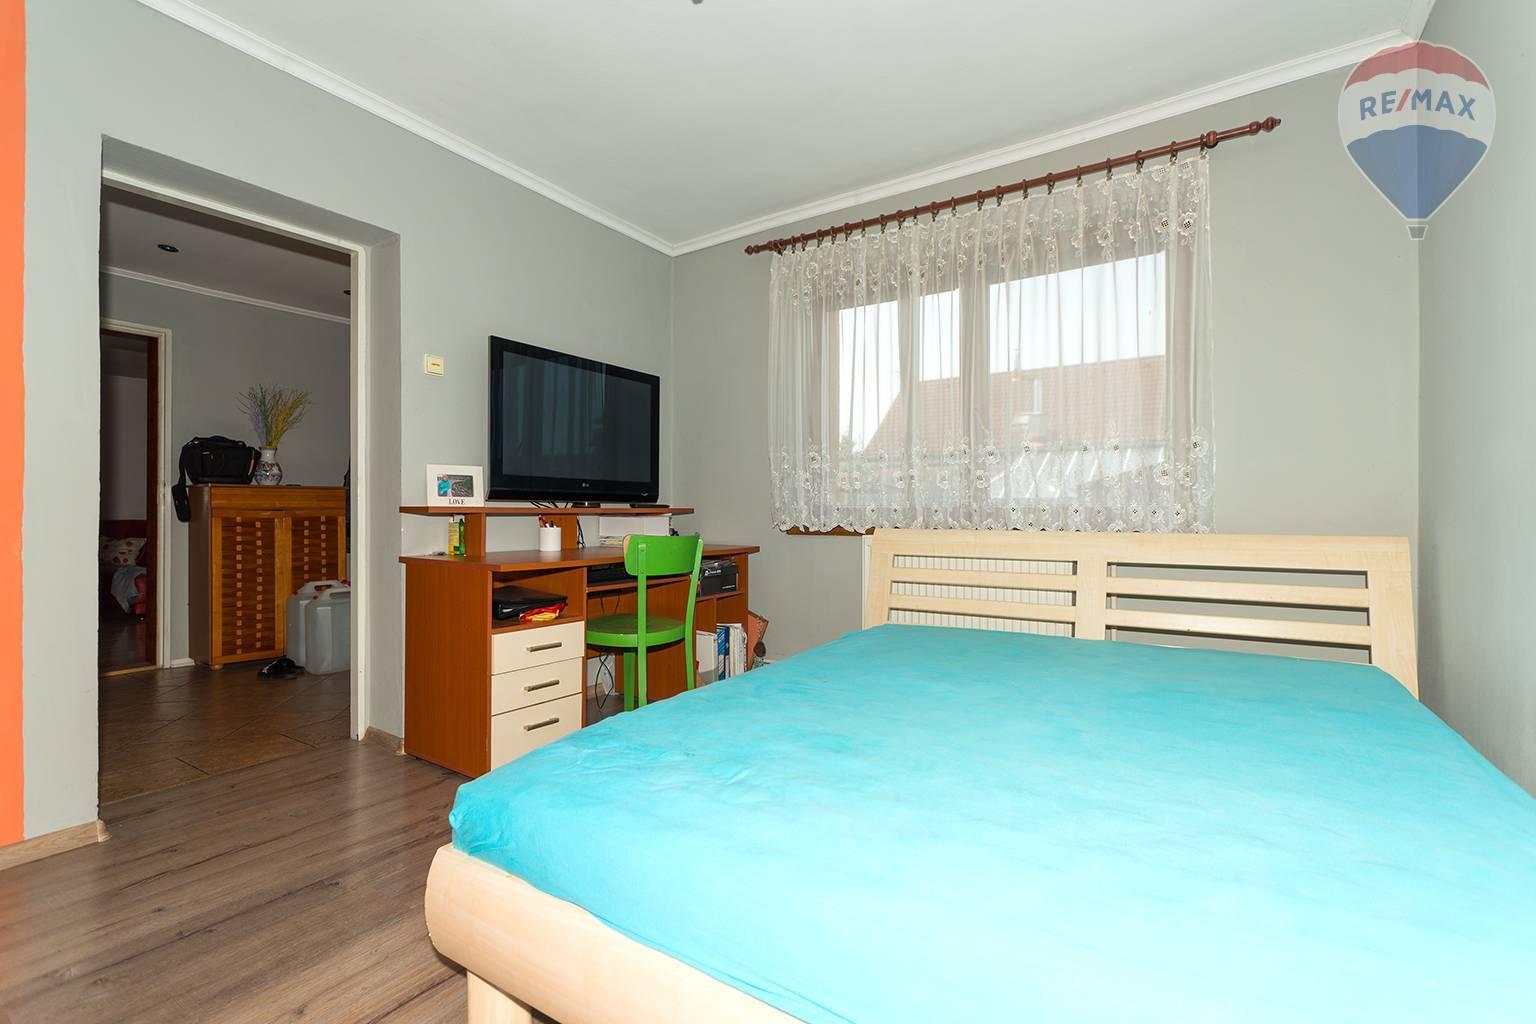 Predaj domu 160 m2, Liptovský Mikuláš - detská izba